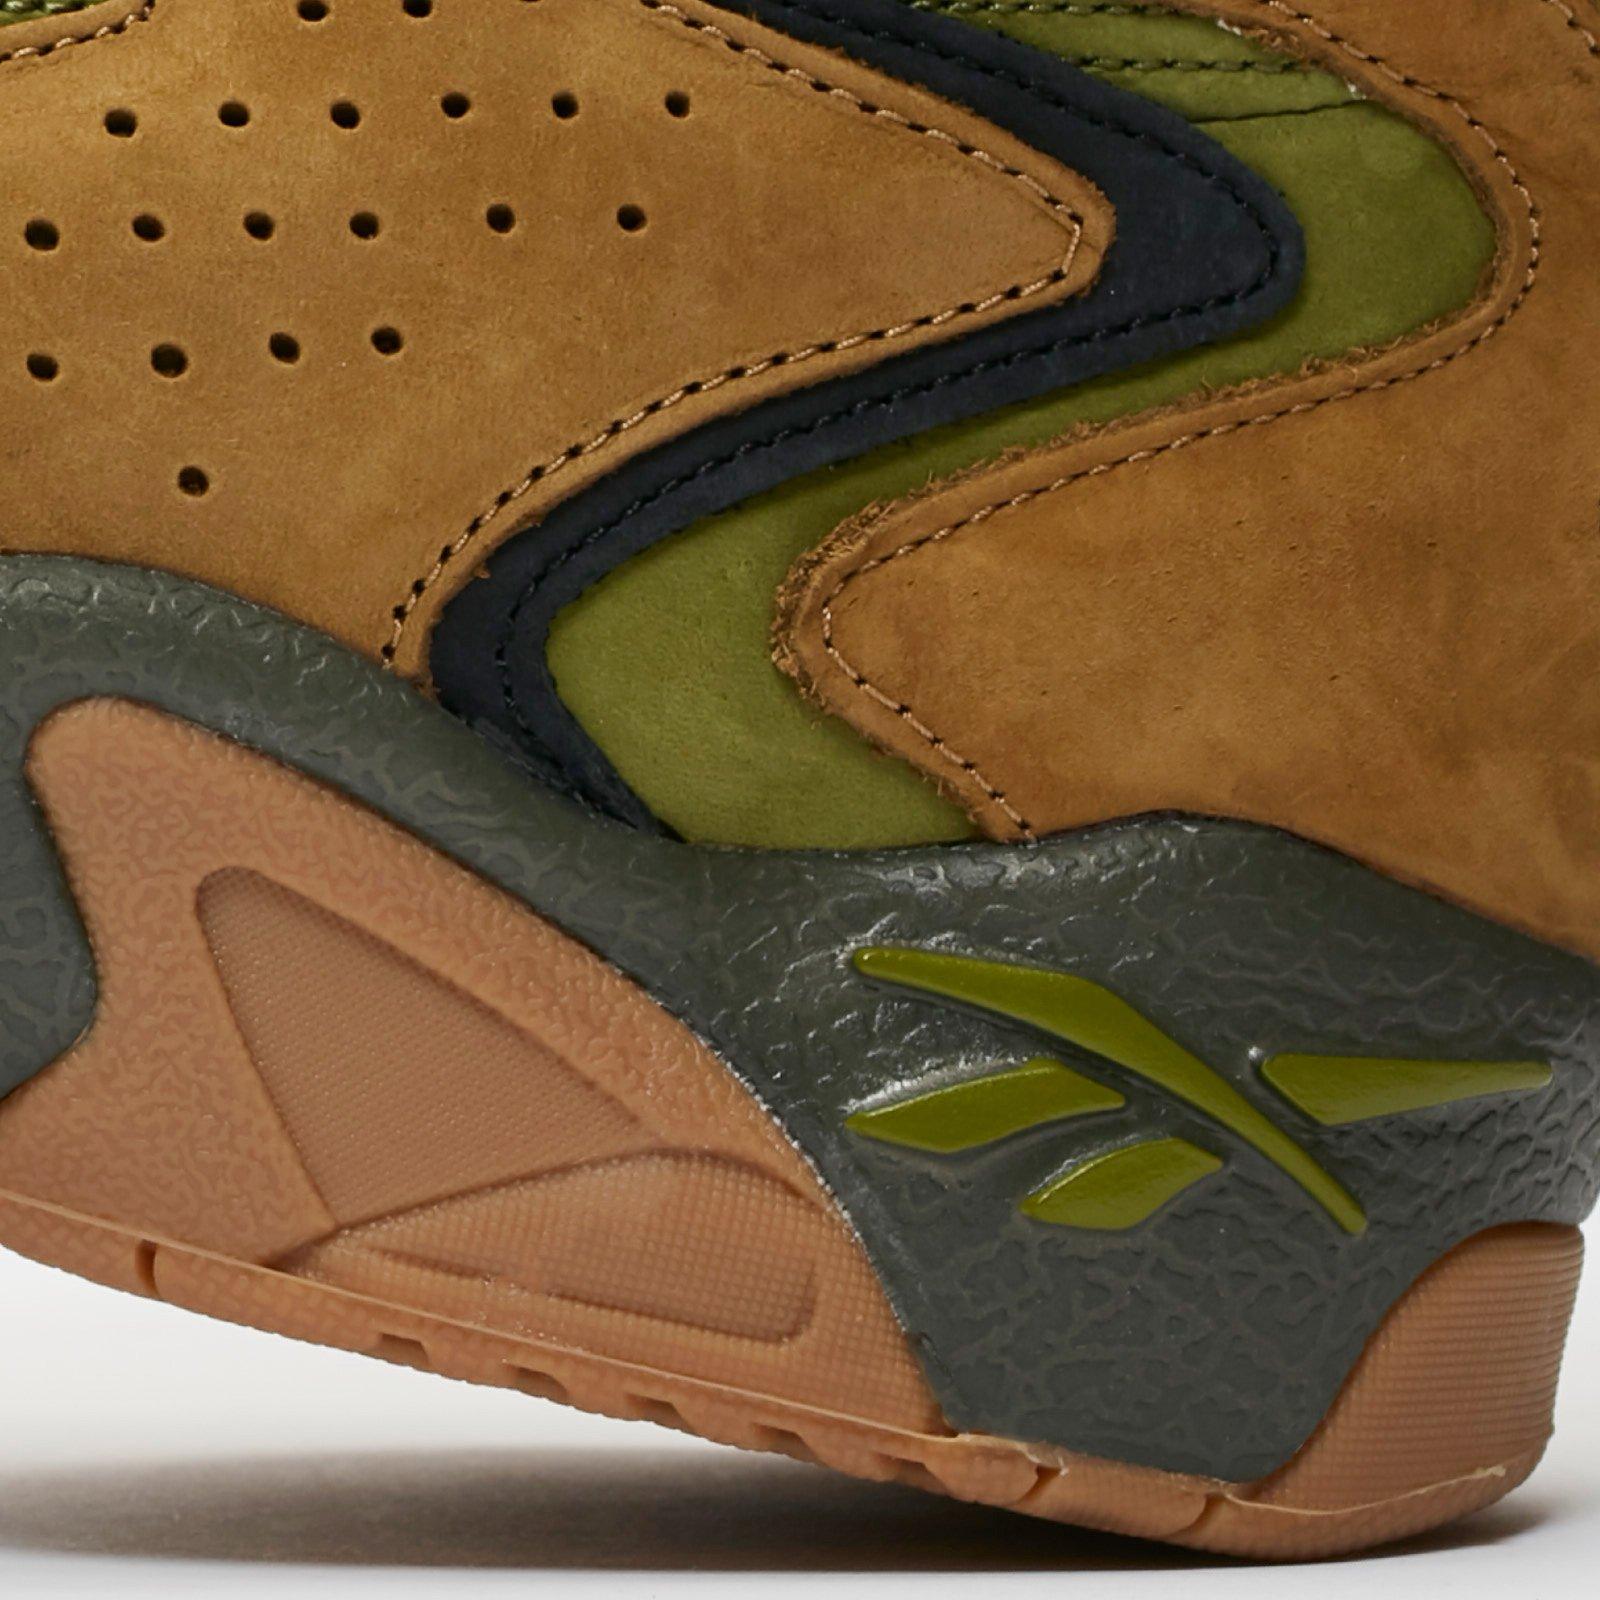 Fly Reebok Mobius Dv8496 Atmos X Sneakersnstuffsneakers b6yfg7Y